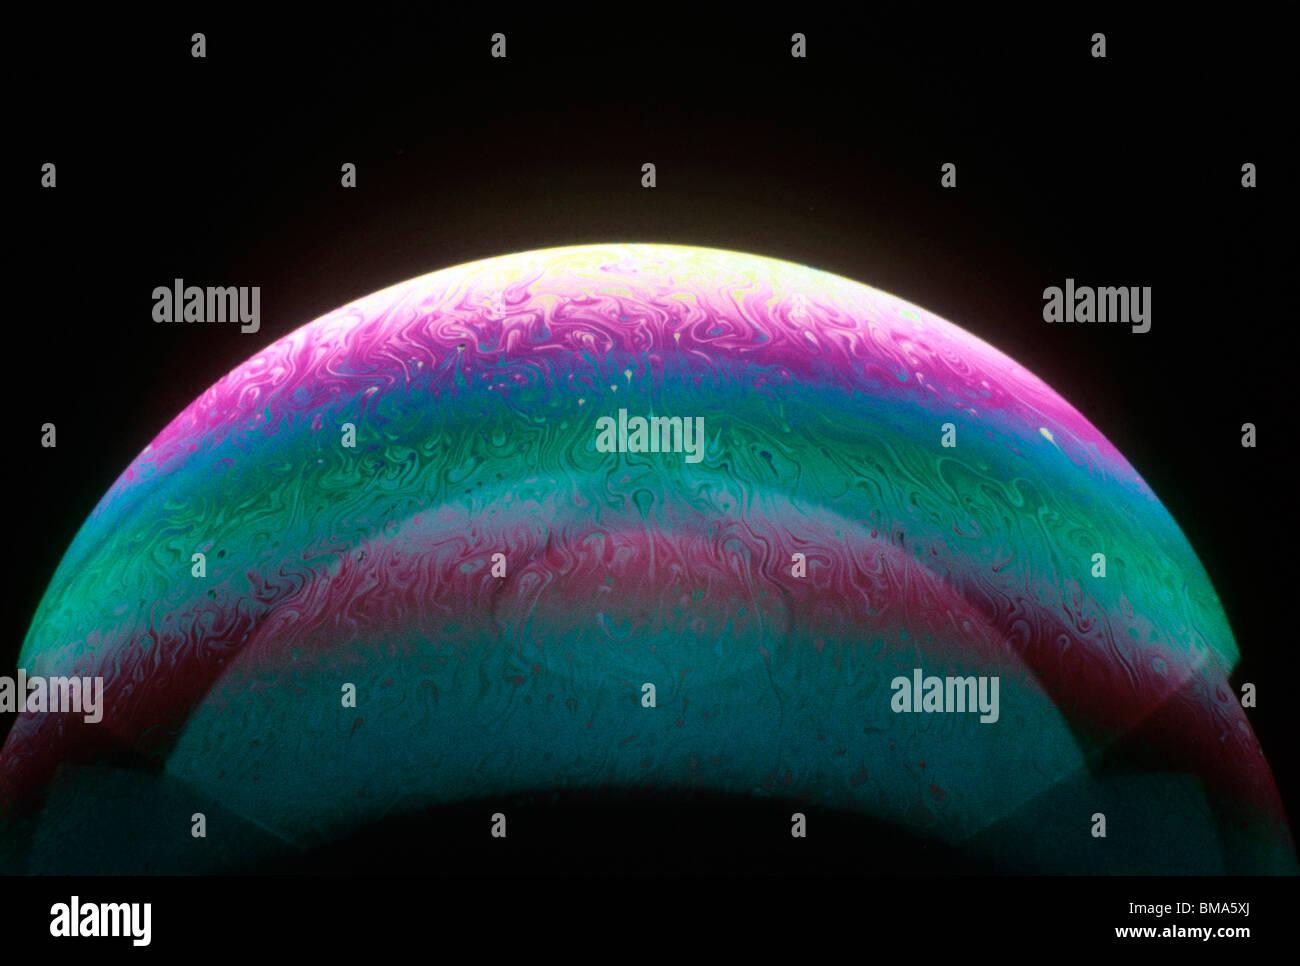 Oberfläche einer Seifenblase. Stockfoto